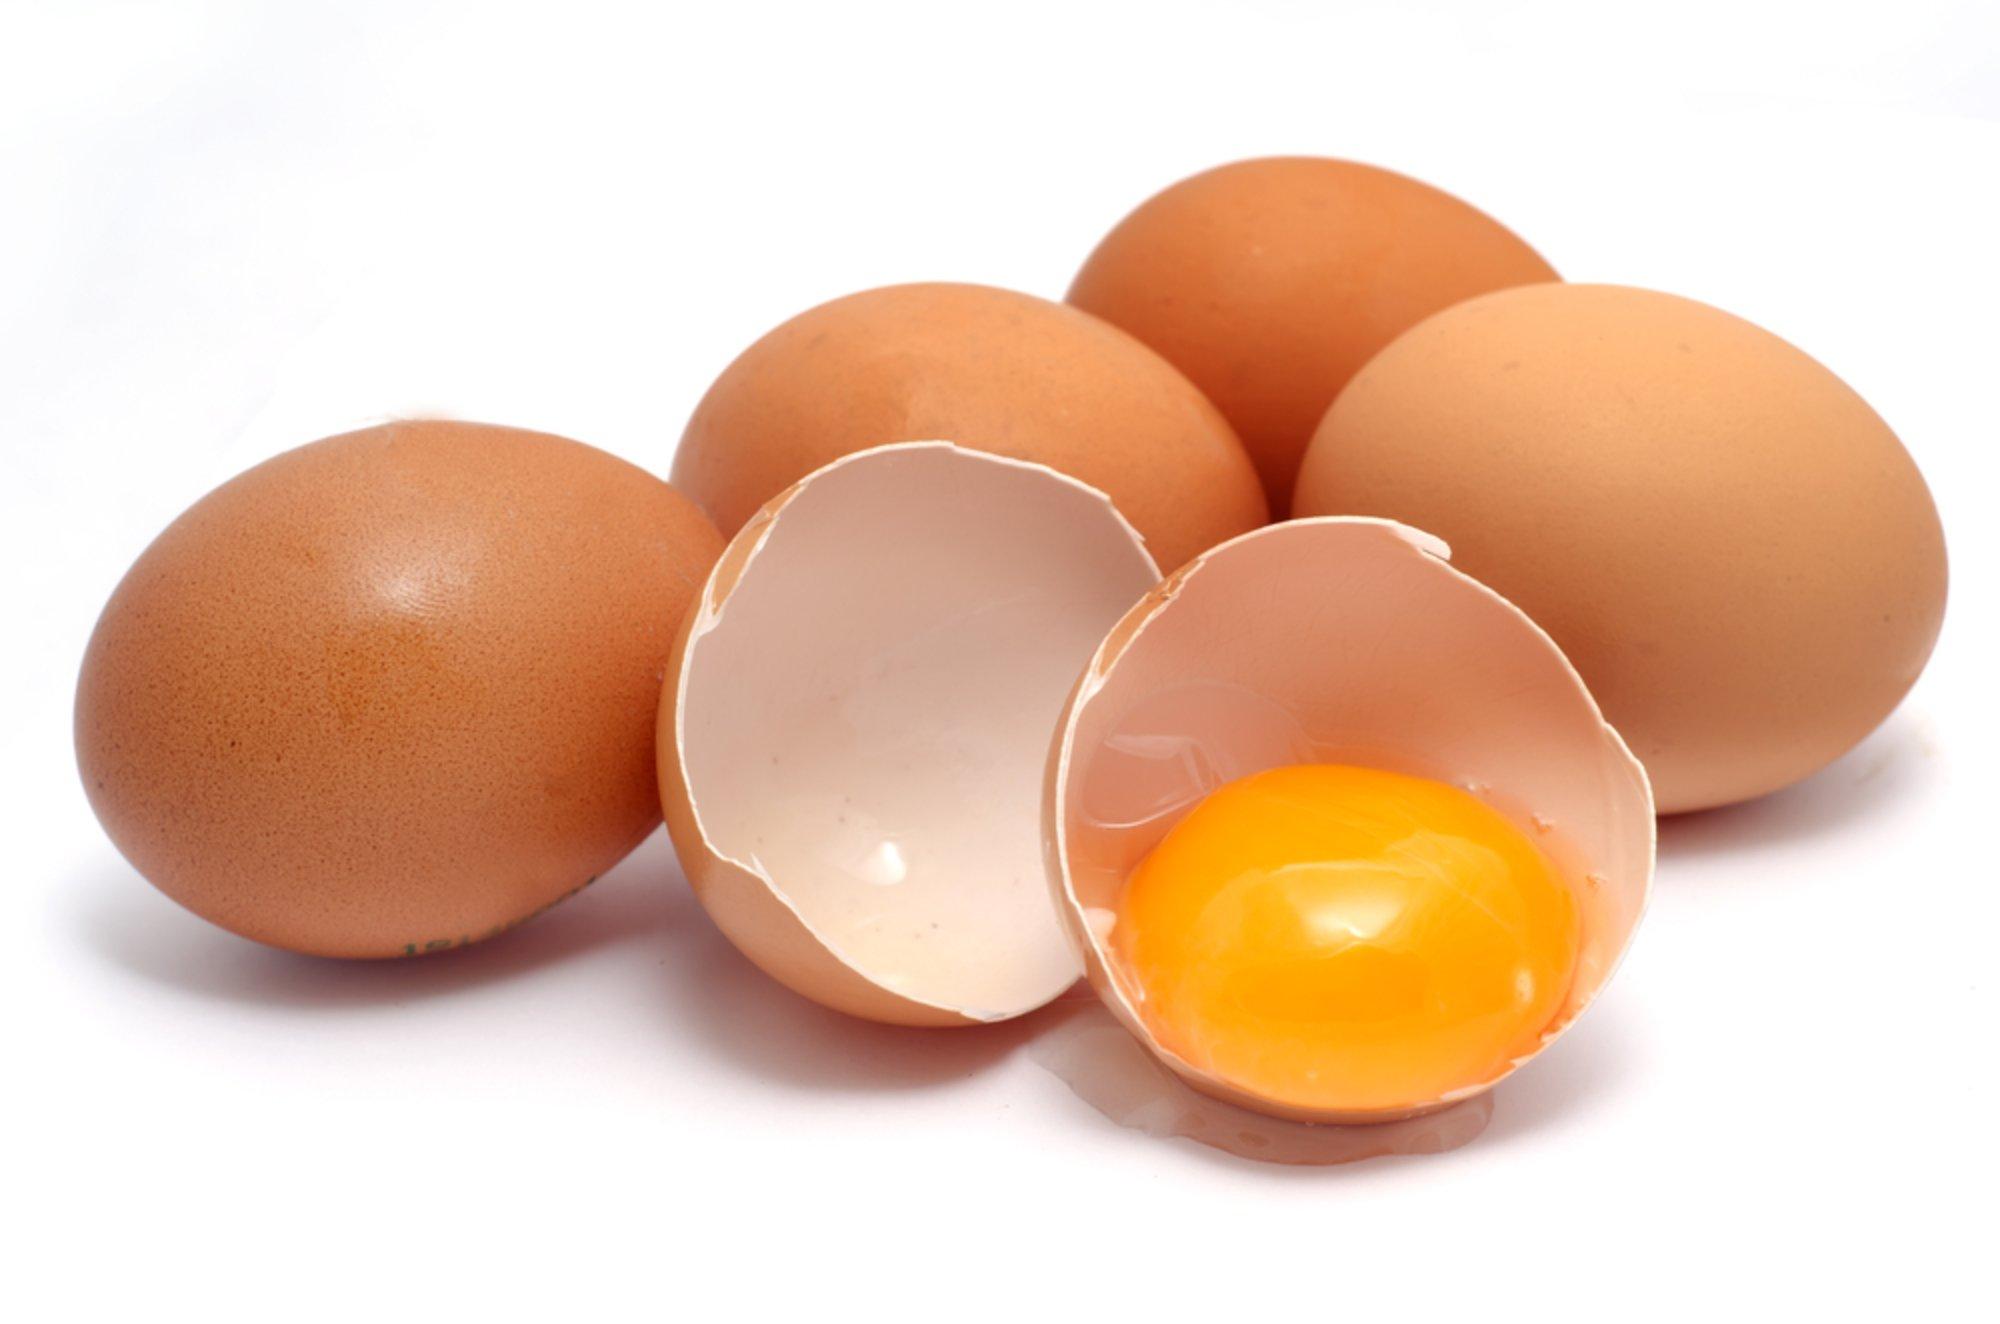 куриное яйцо от пятен на одежде